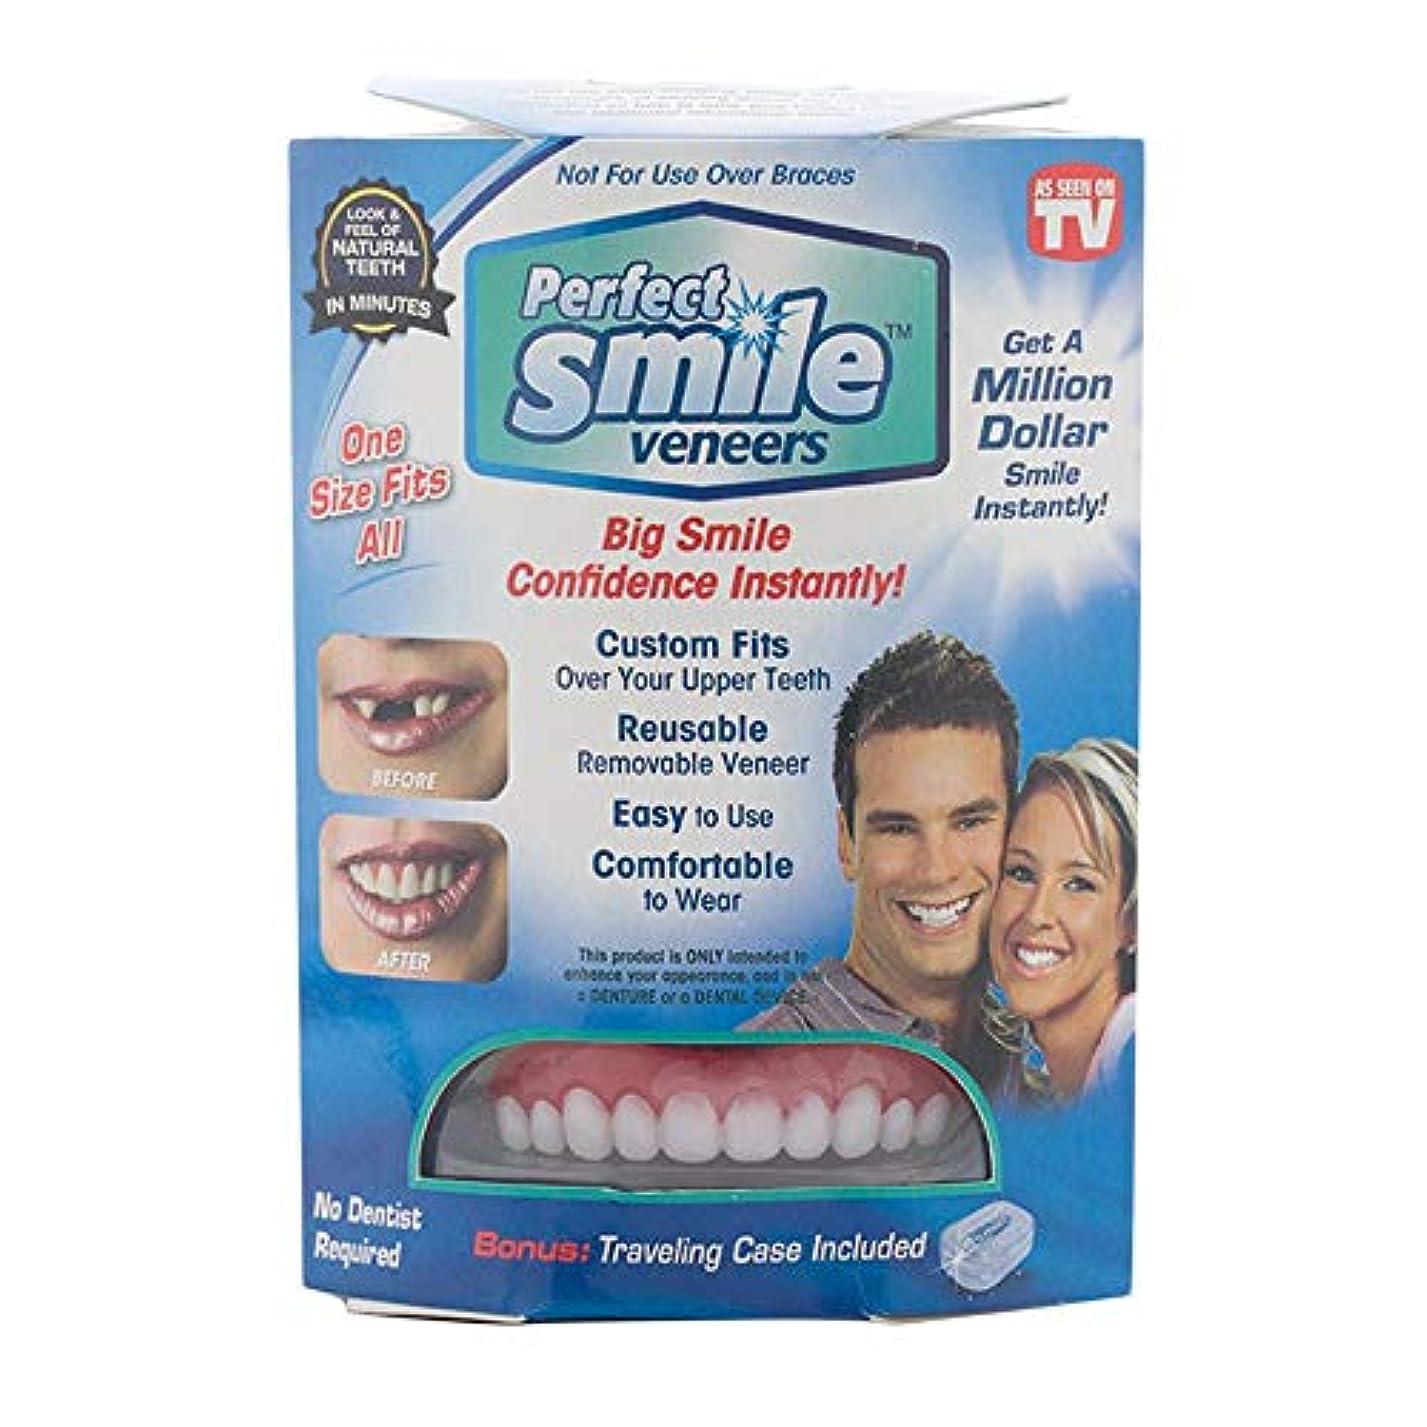 小康乱気流内側パーフェクトスマイルアッパーベニヤコンフォートフレックスホワイトニングデンチャーペースト偽歯-Innovationo